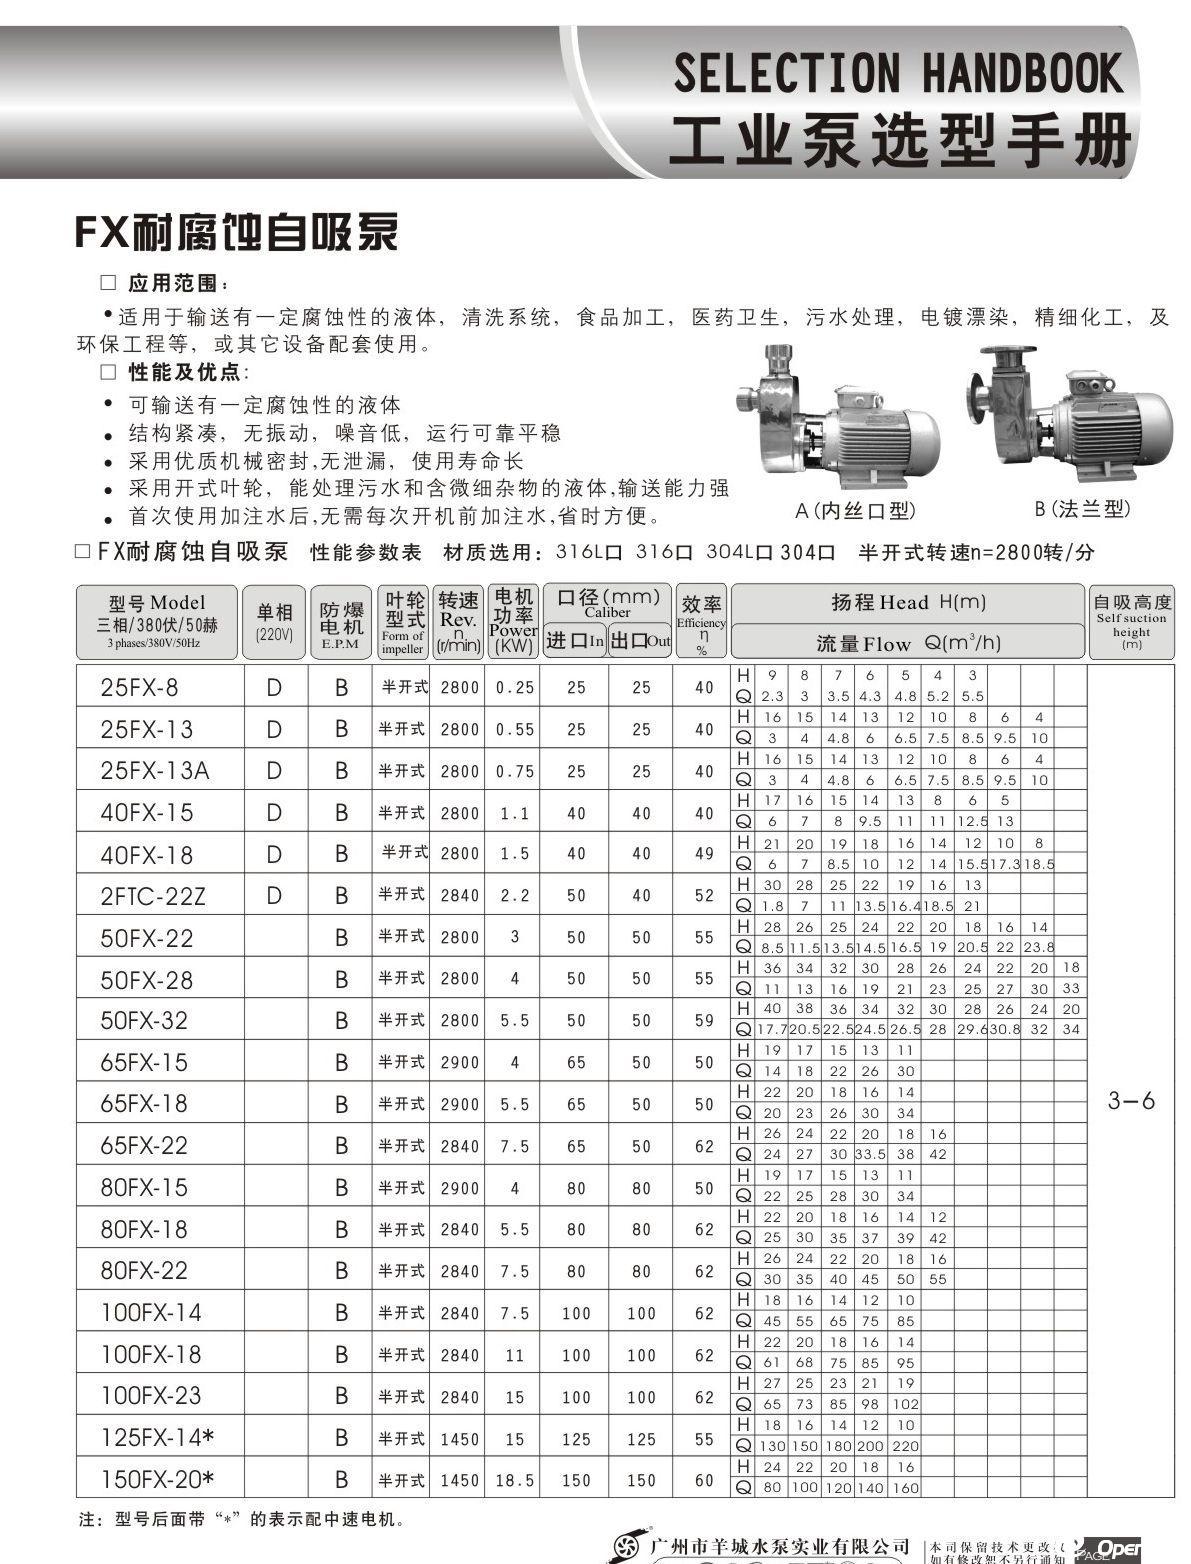 羊城水泵 FX自吸泵选型表.jpg